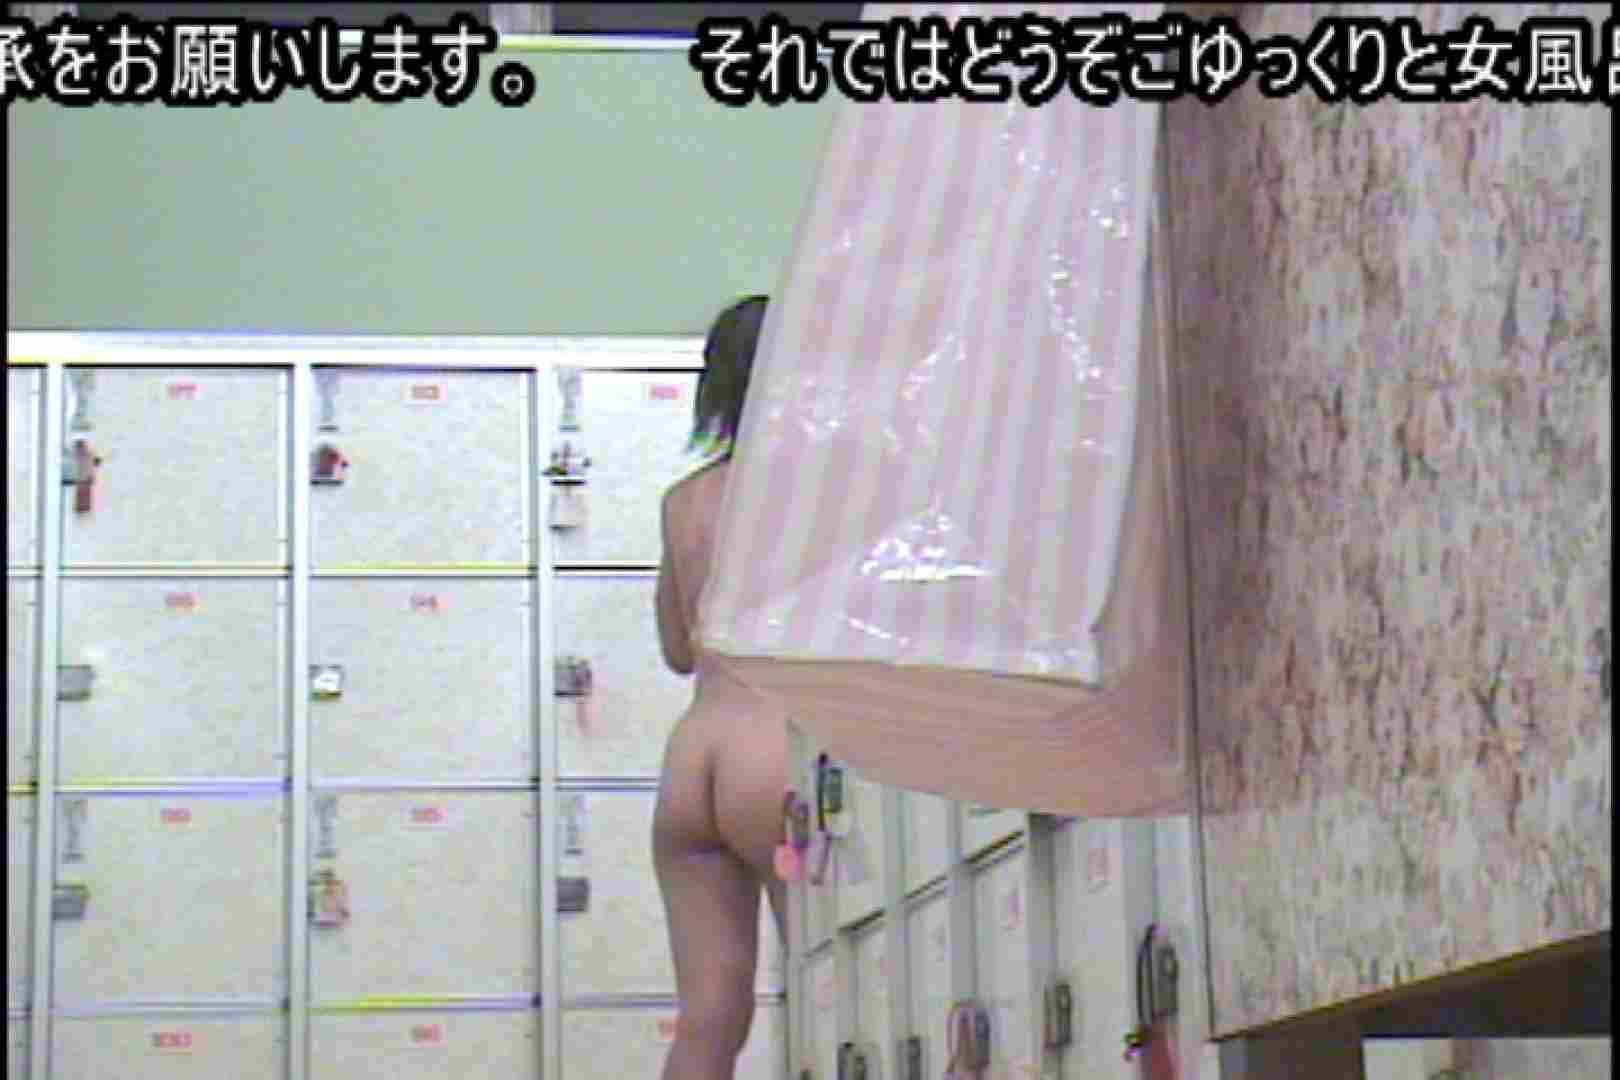 厳選 潜入女風呂 No.5 ギャルのエロ動画 | 潜入  78画像 1